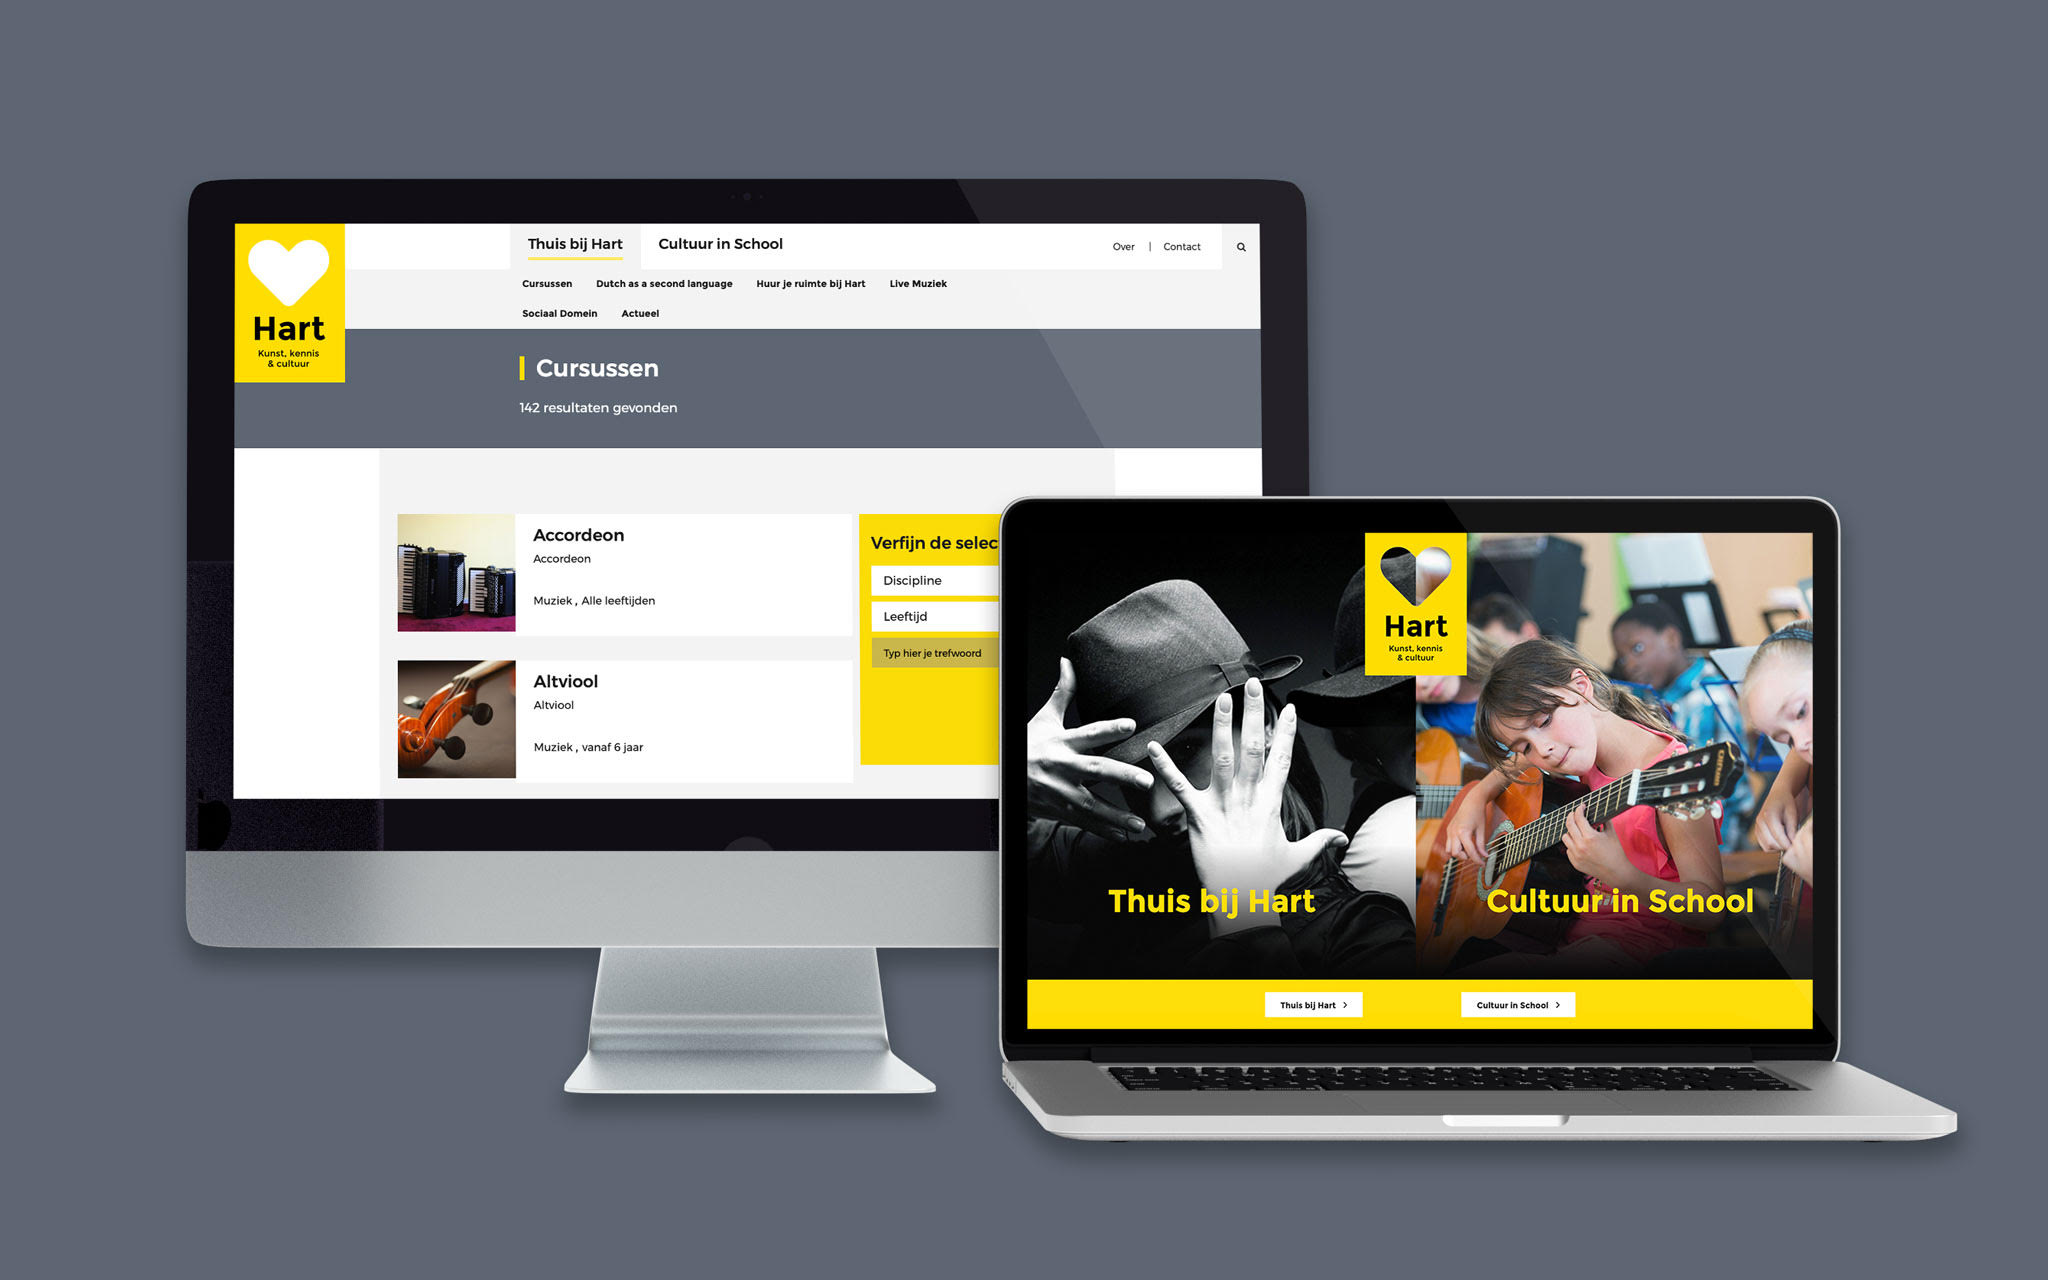 Hart website in mockups